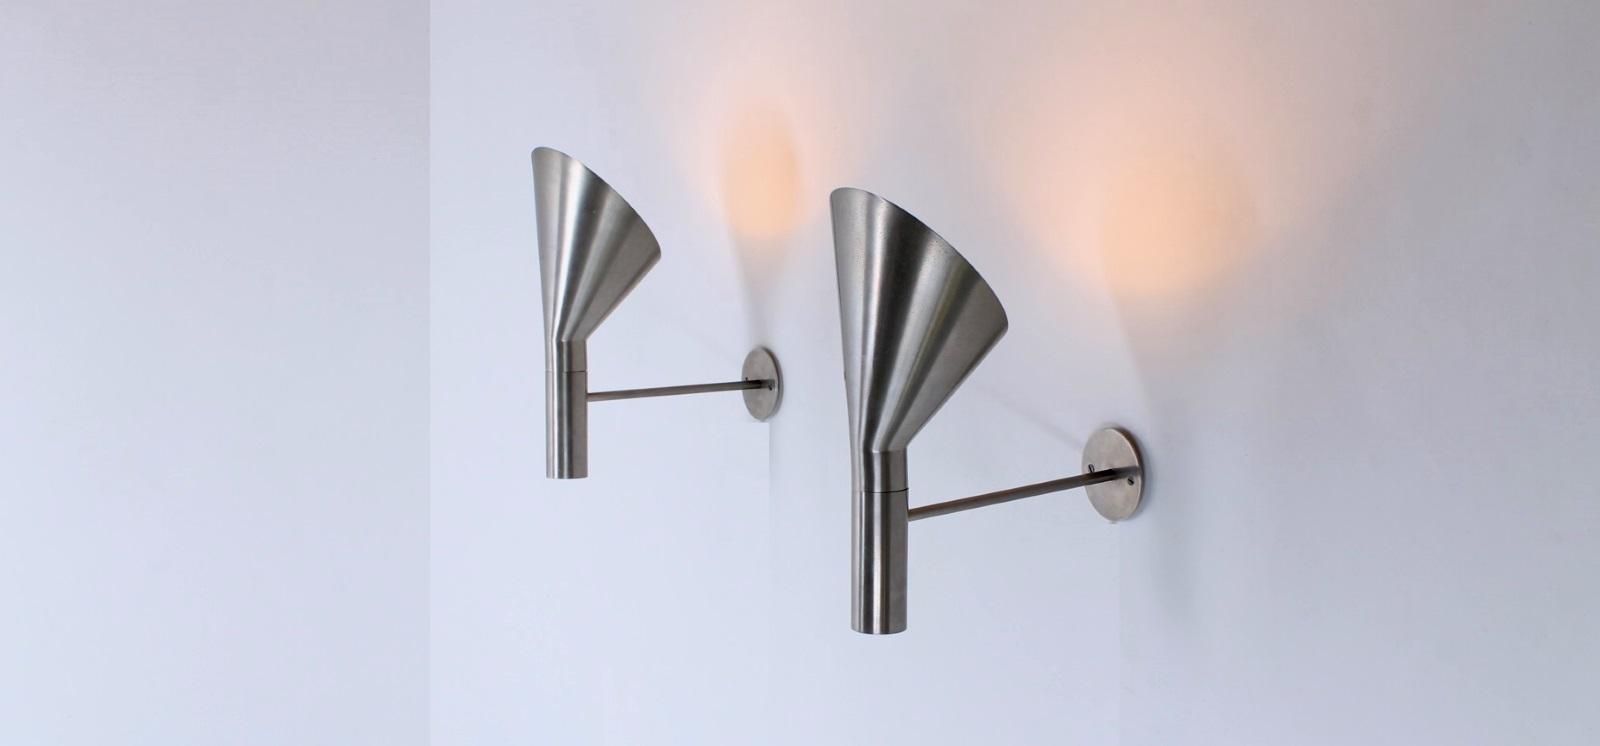 arne jacobsen visor wall lights 1957 cencity